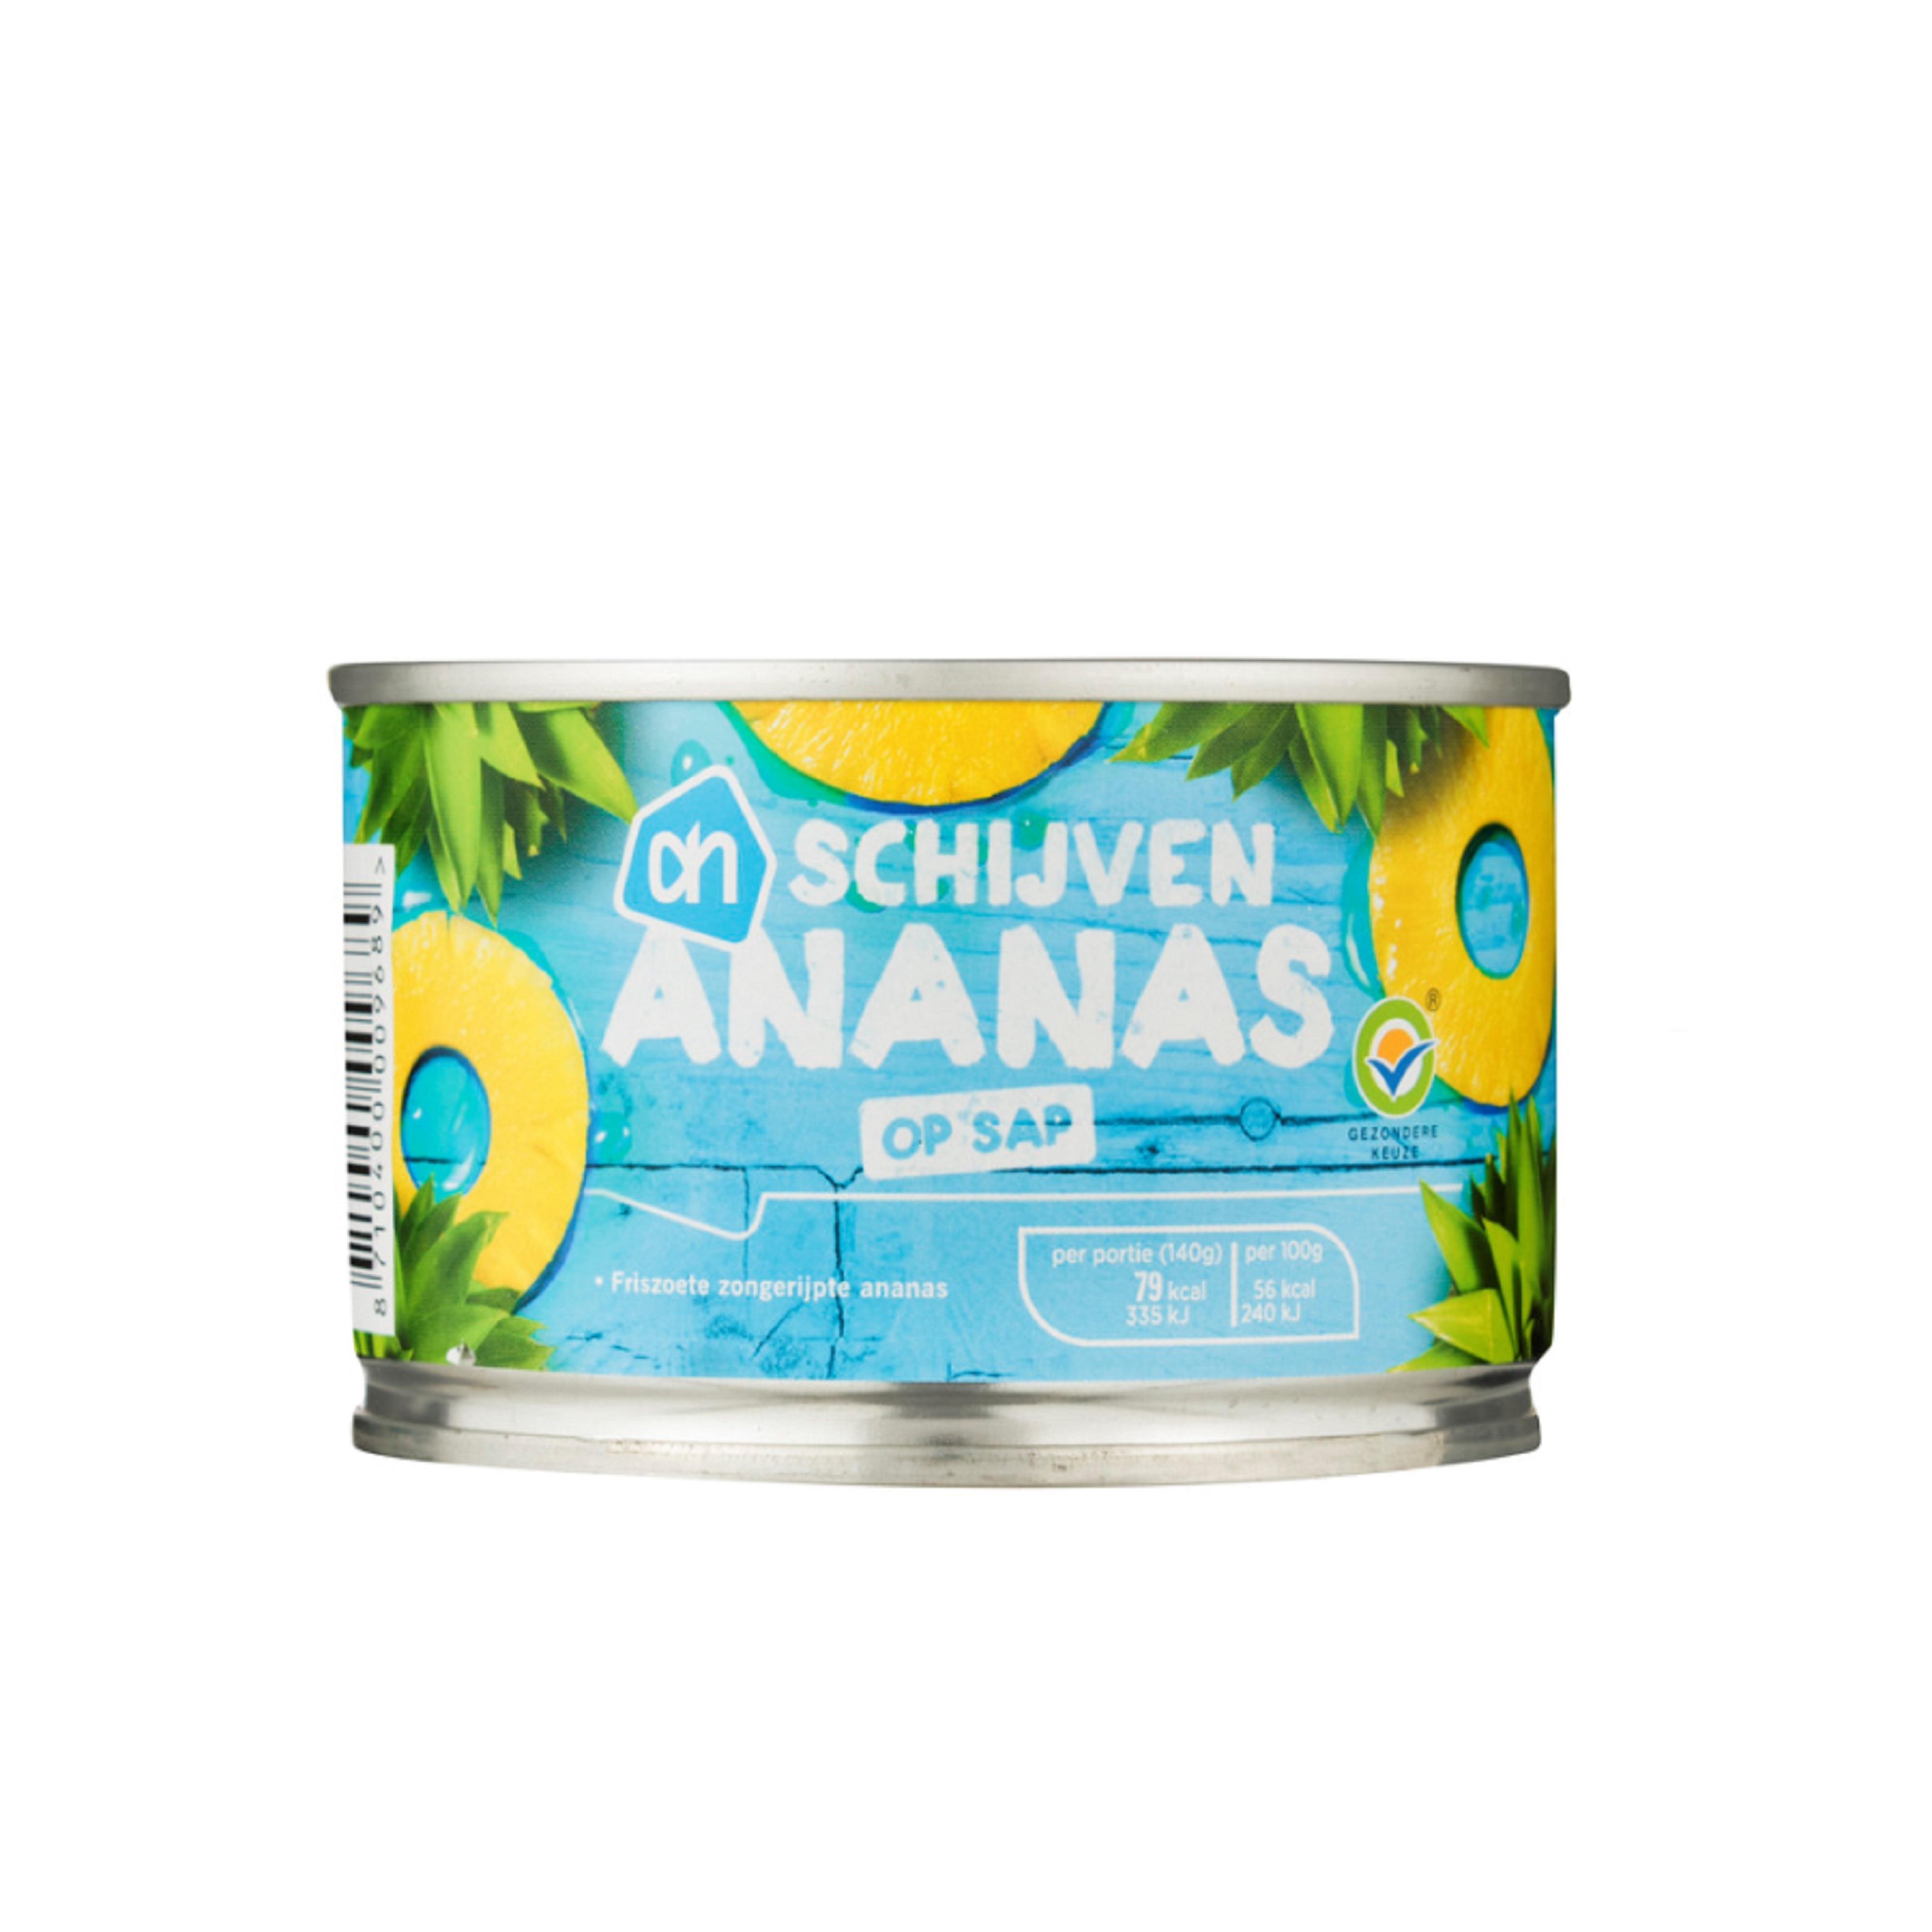 Ananas schijven